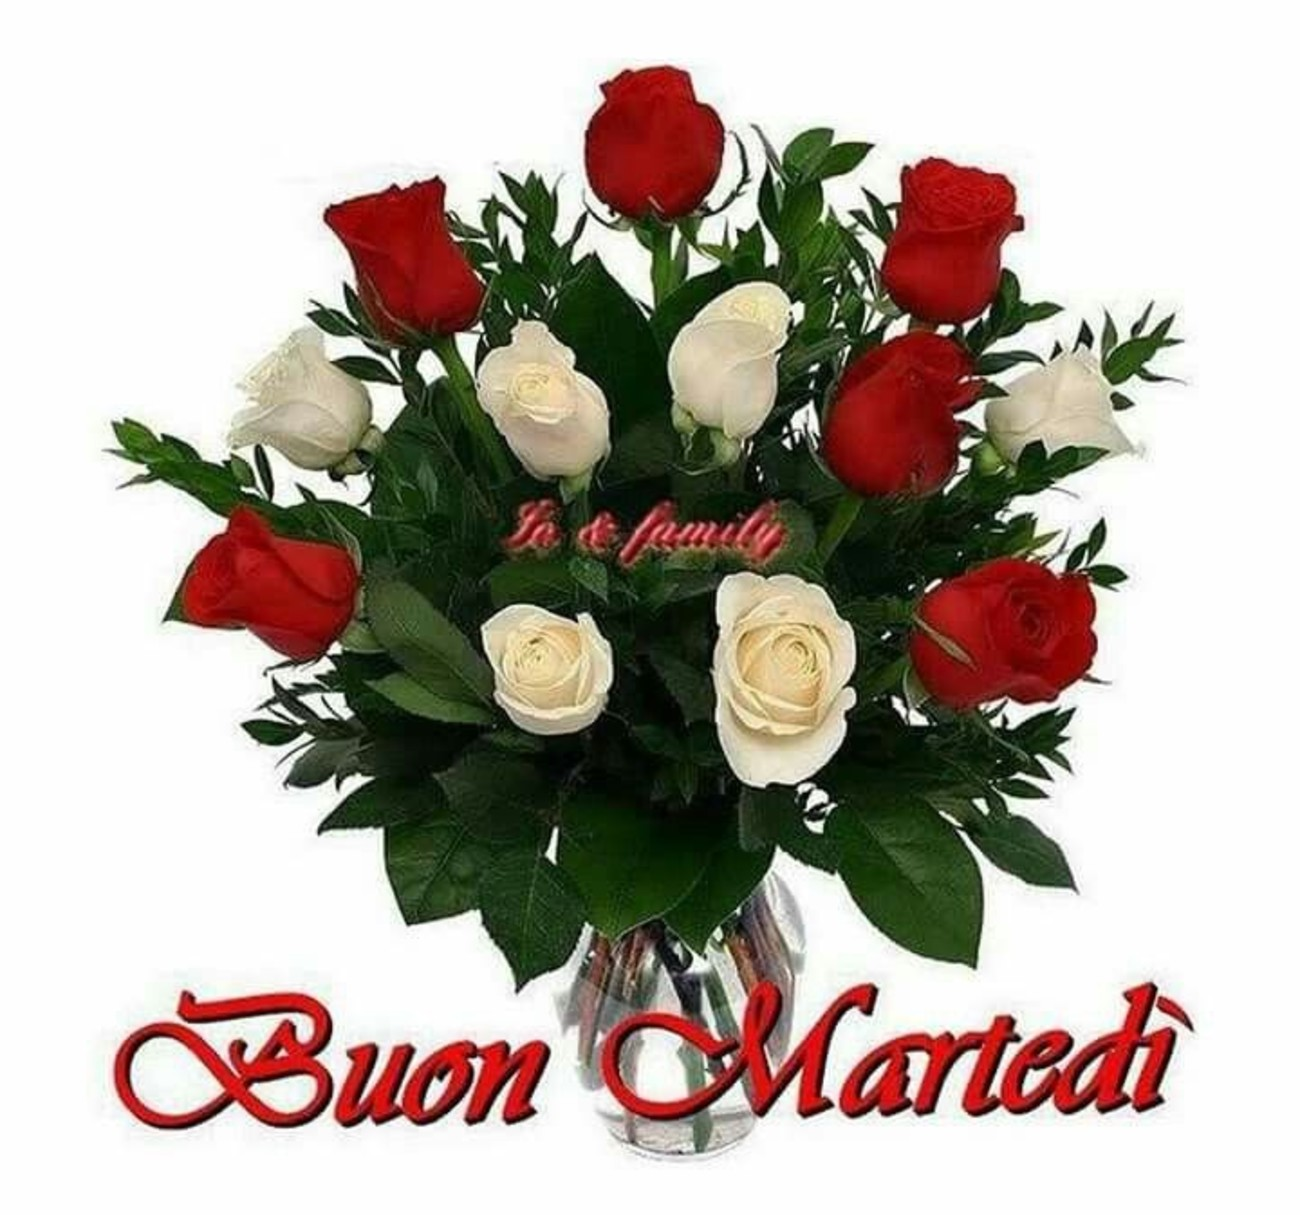 belle immagini buon martedi amore con rose (4)